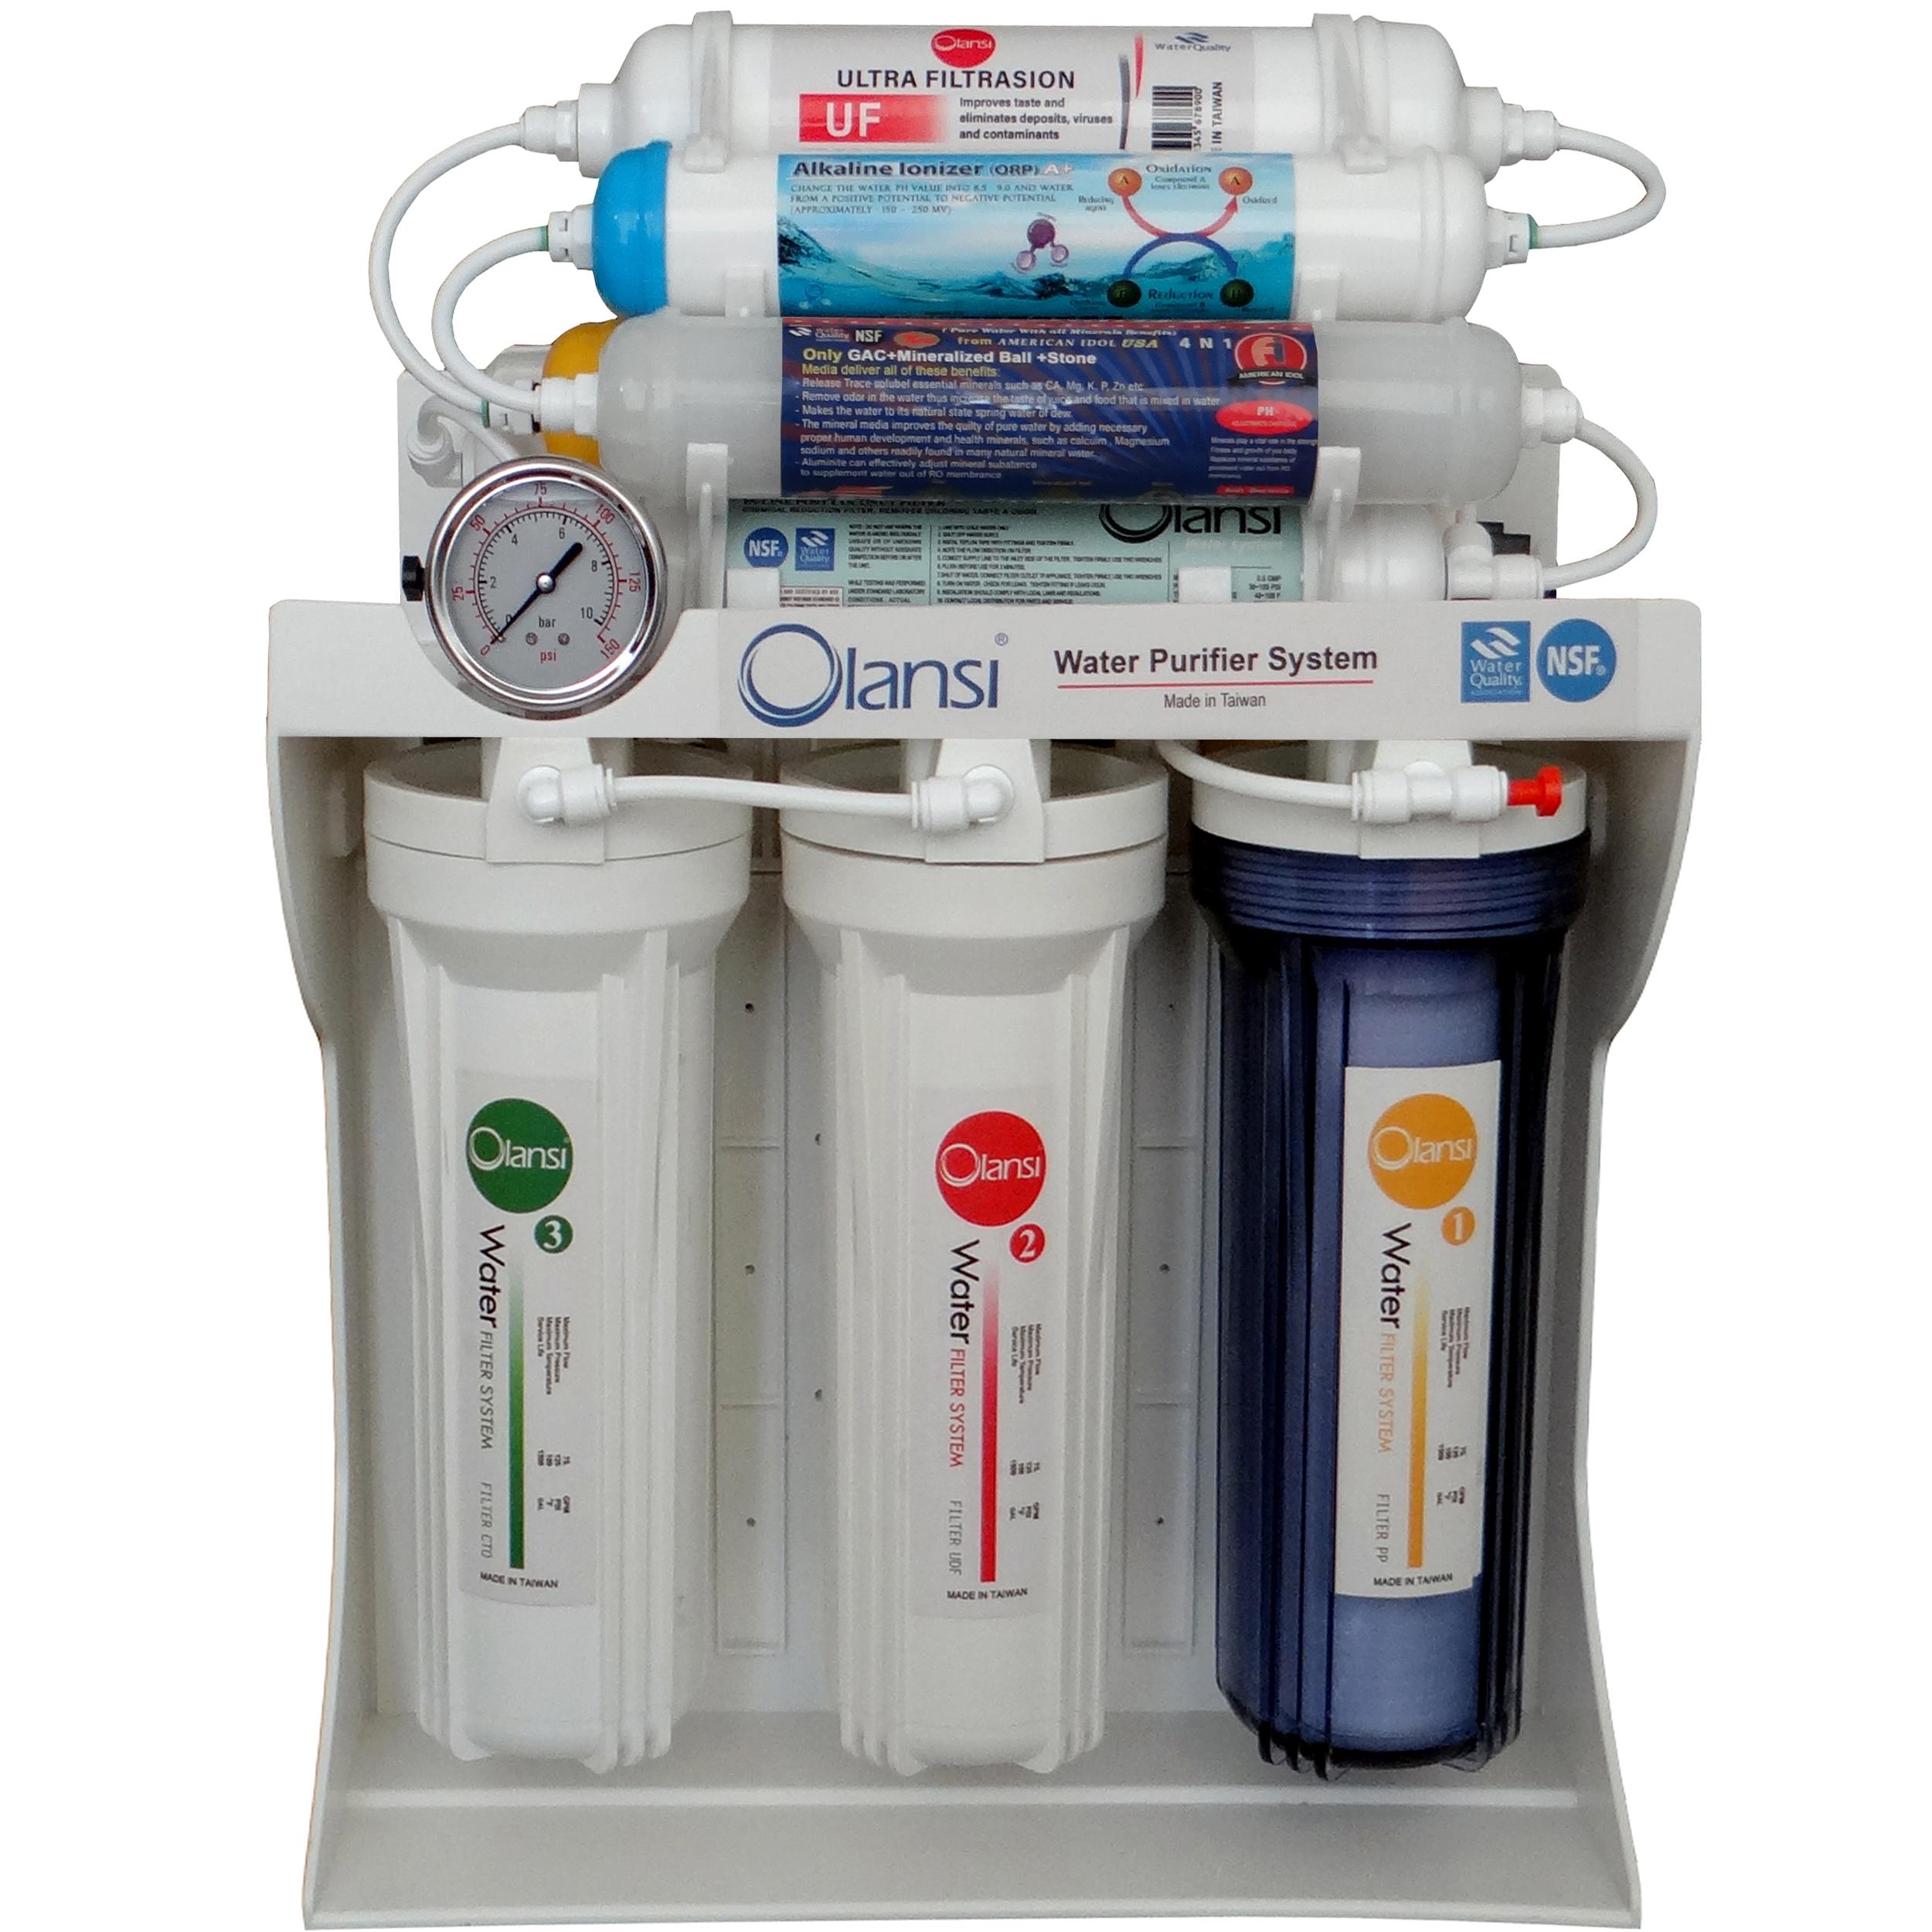 دستگاه تصفیه کننده آب اولانسی مدل RO - FT2700